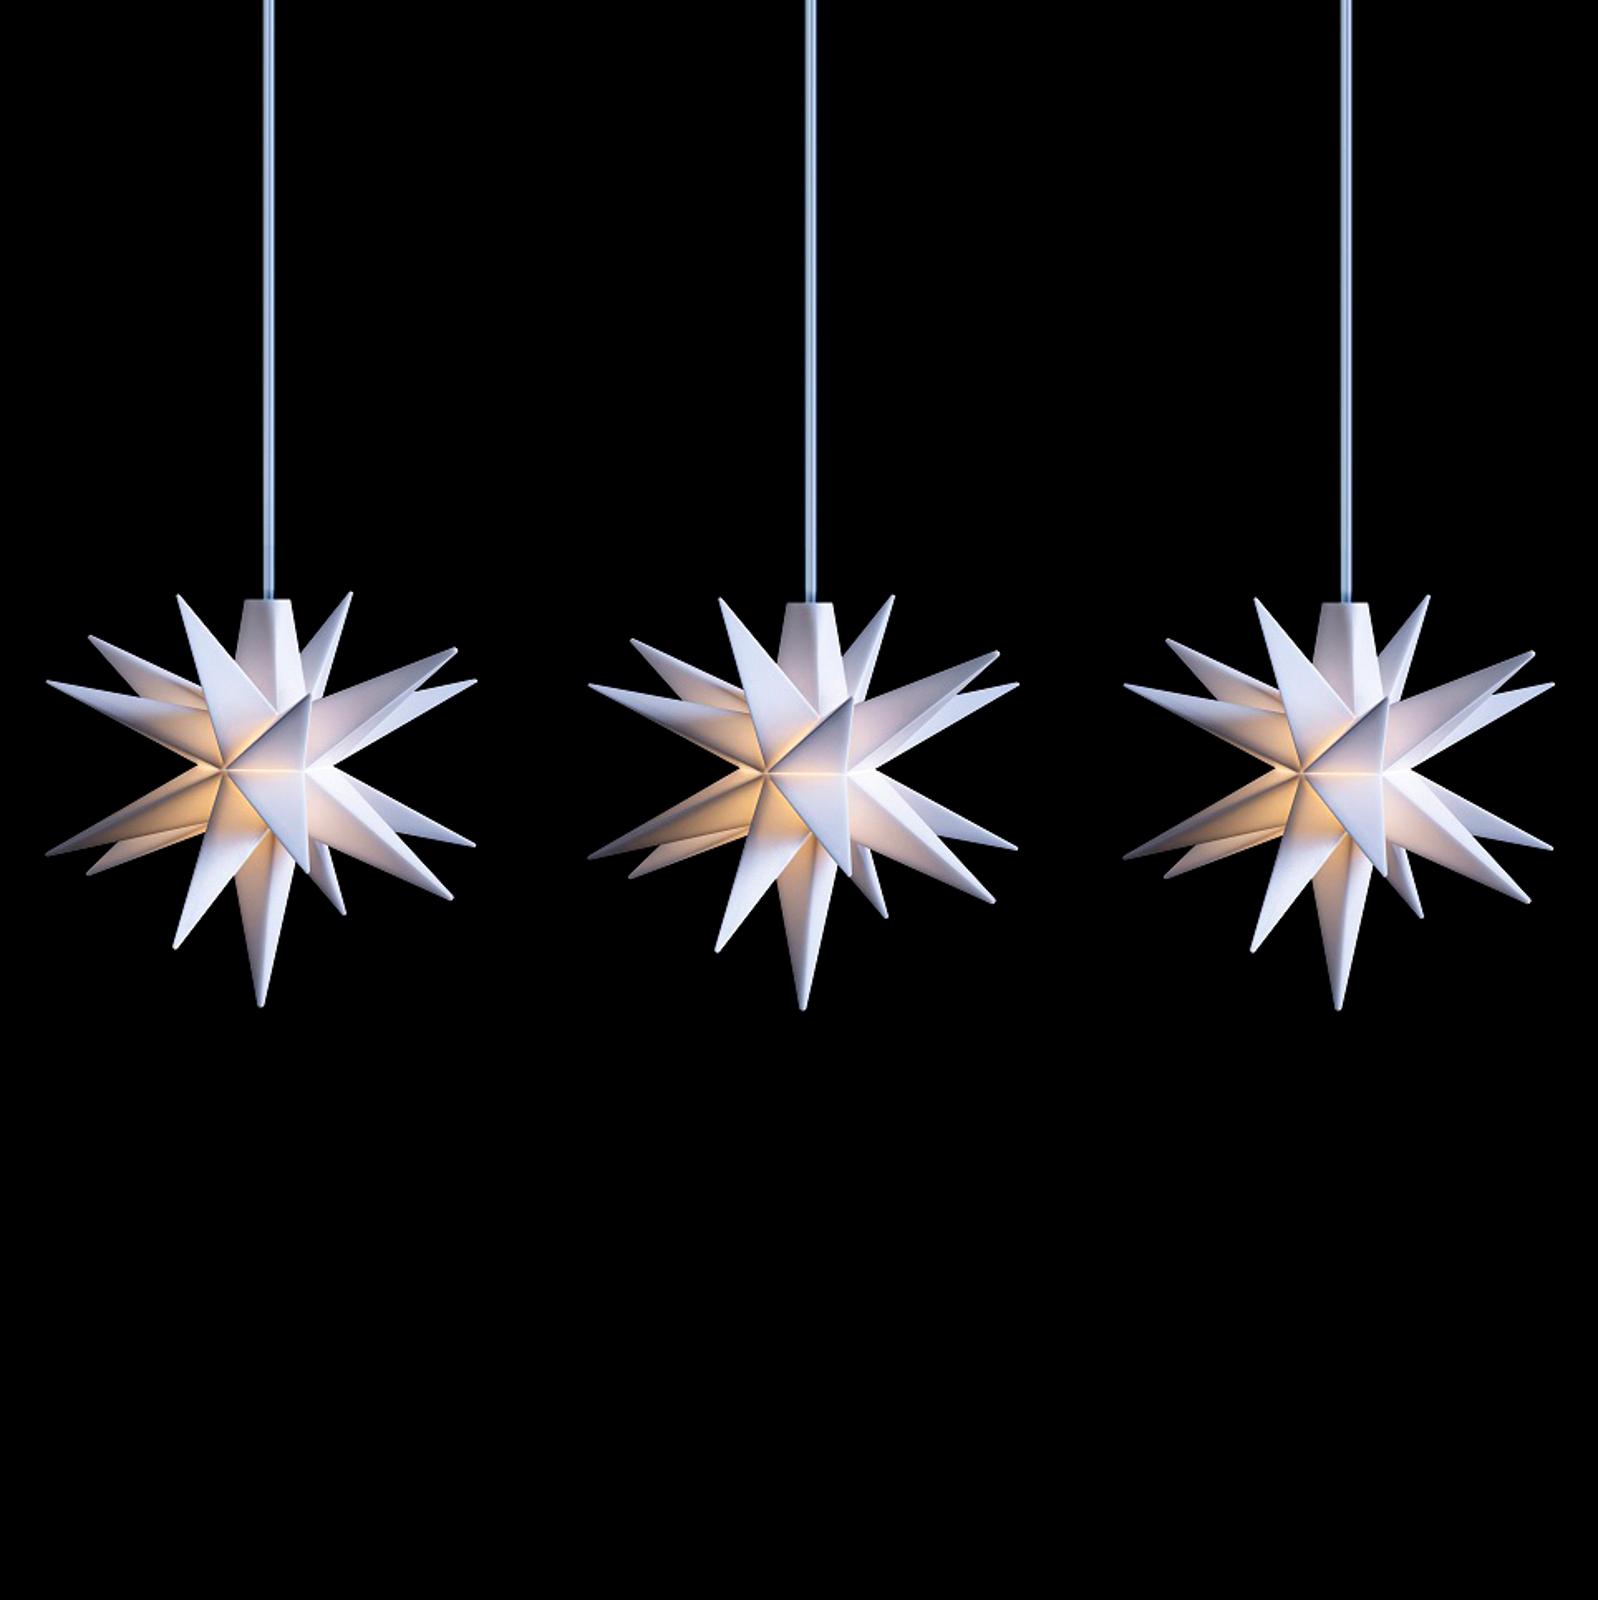 LED-Lichterkette mit Baby-Sternen innen 3-fl. weiß